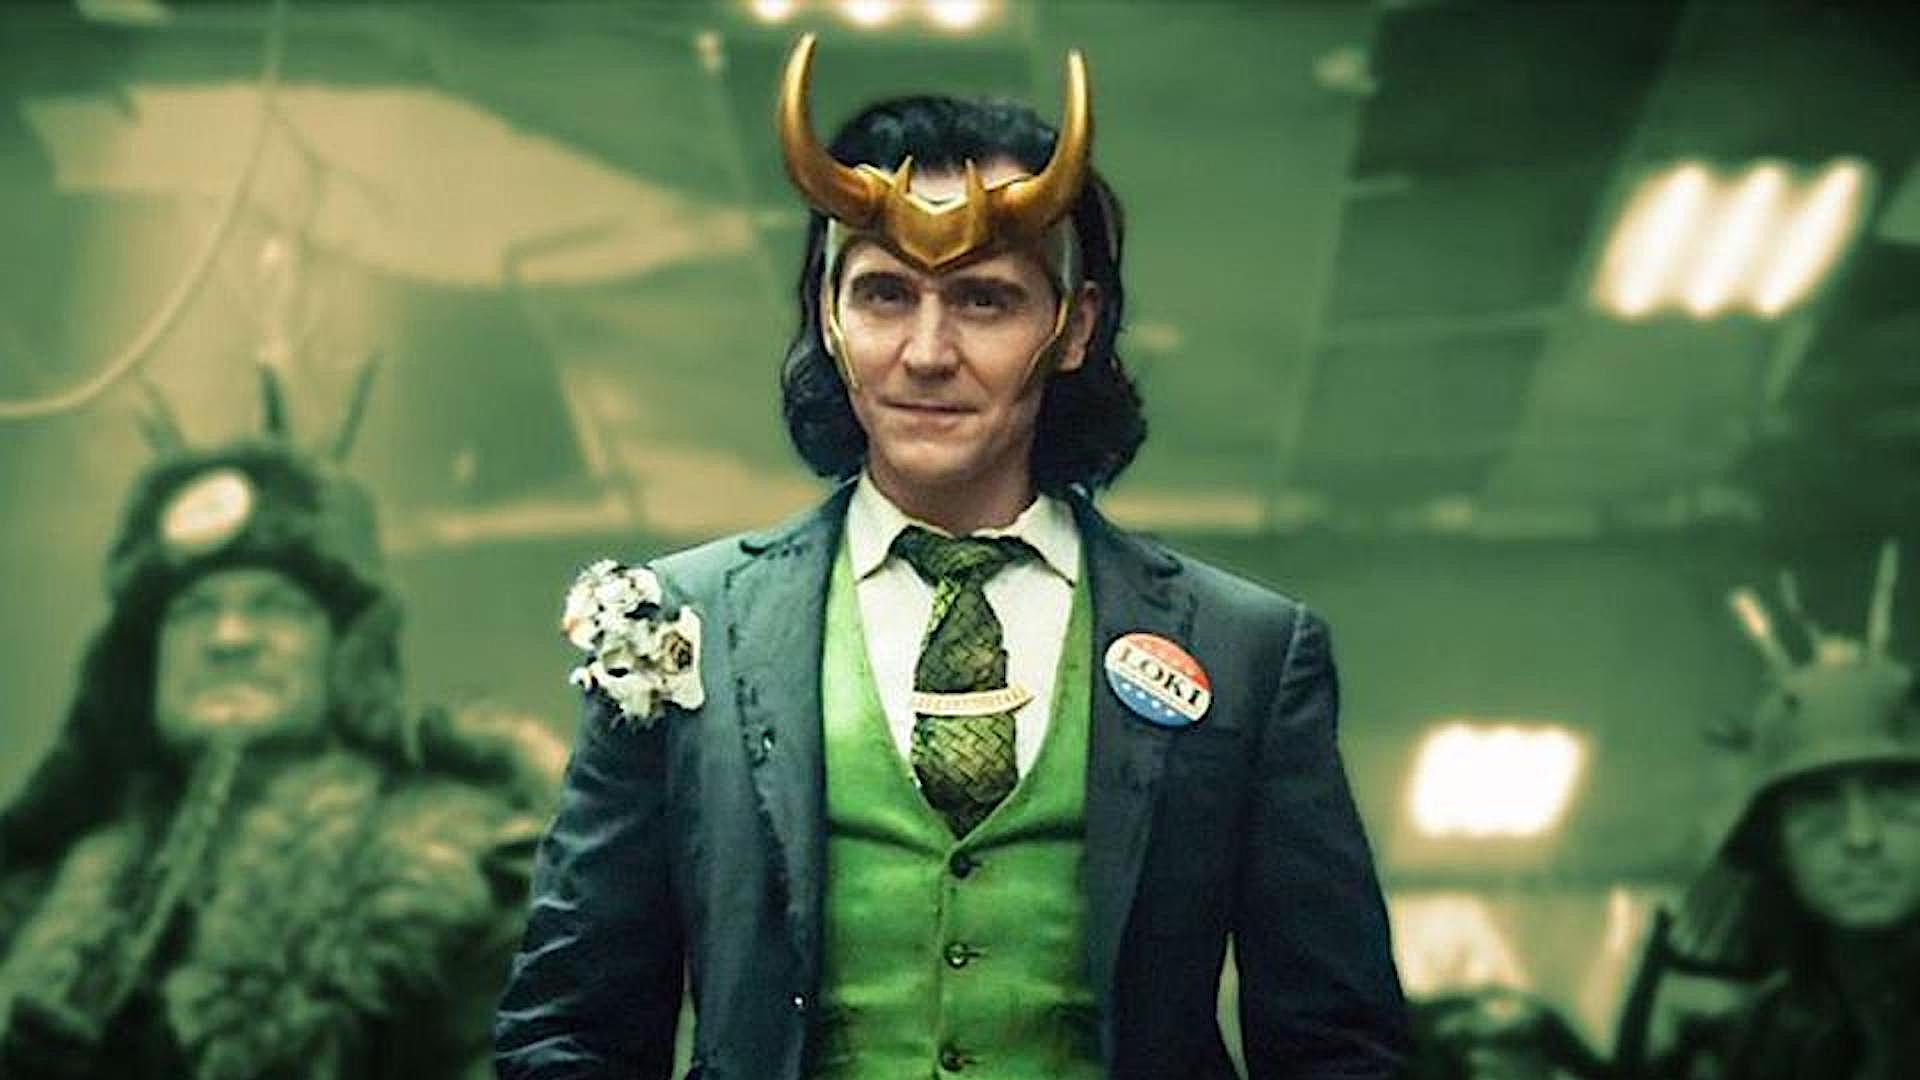 Disney Plus: Loki tendrá temporada 2. ¿Qué pasa con las otras series?